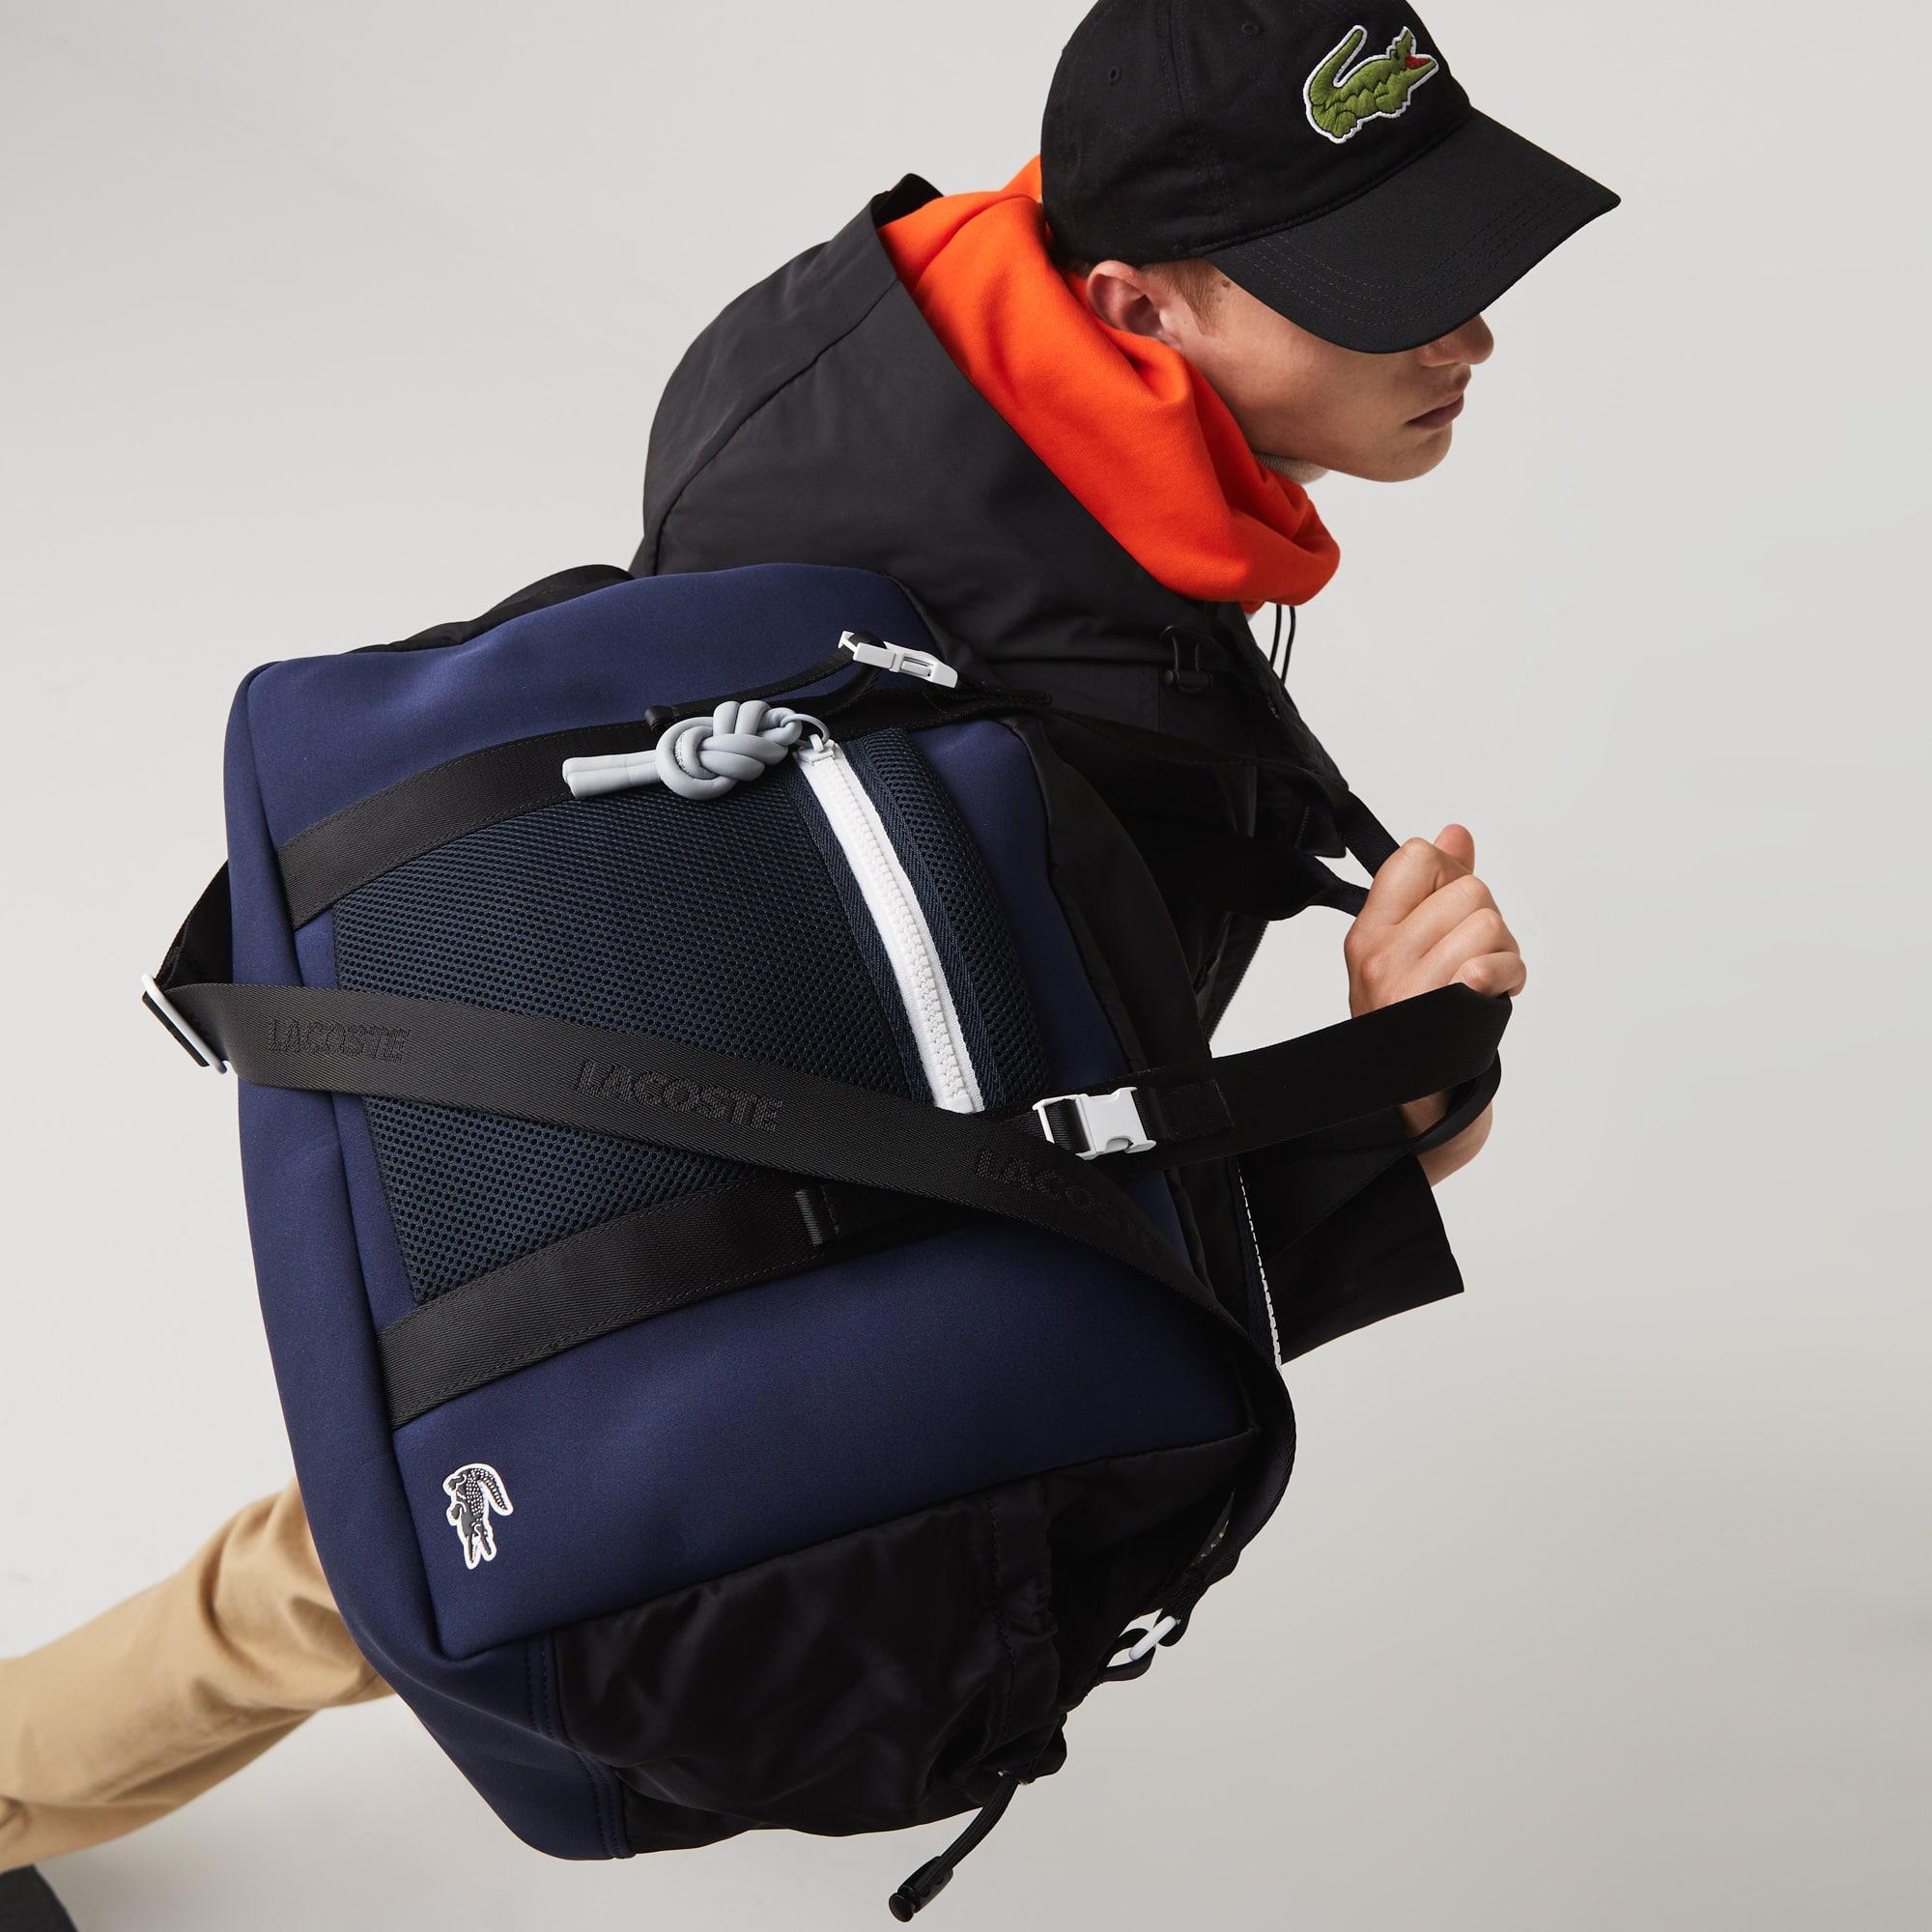 라코스테 Lacoste Mens Motion Ultra-Light Zippered Gym Bag,NOIR ECLIPSE BLANC F97